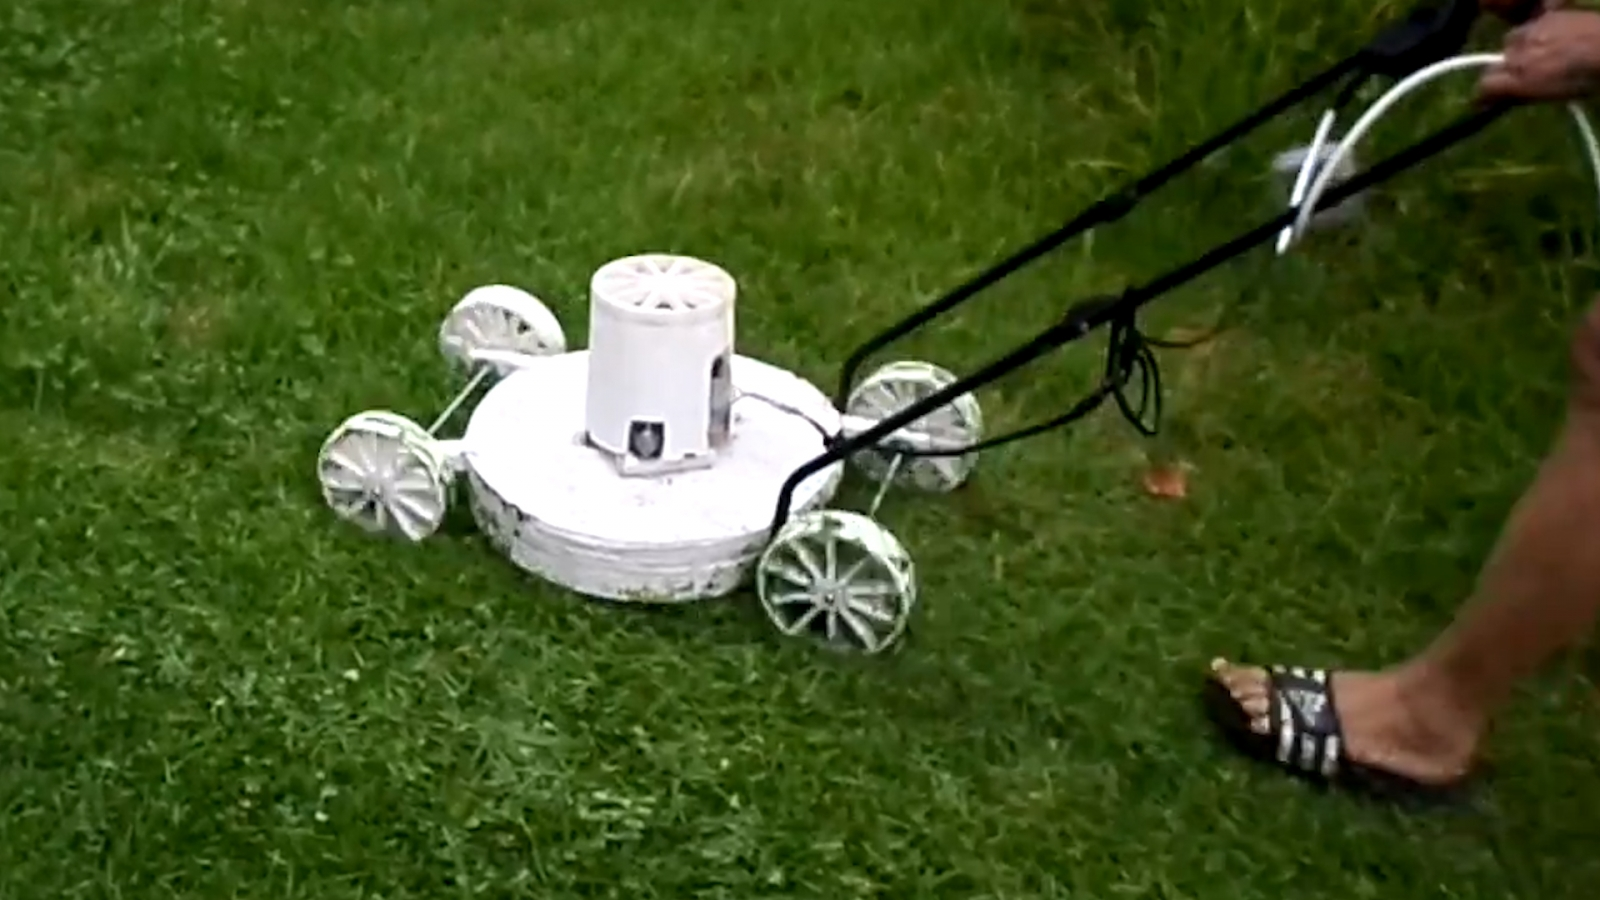 Hans Fouche's 3D Printed Lawn Mower